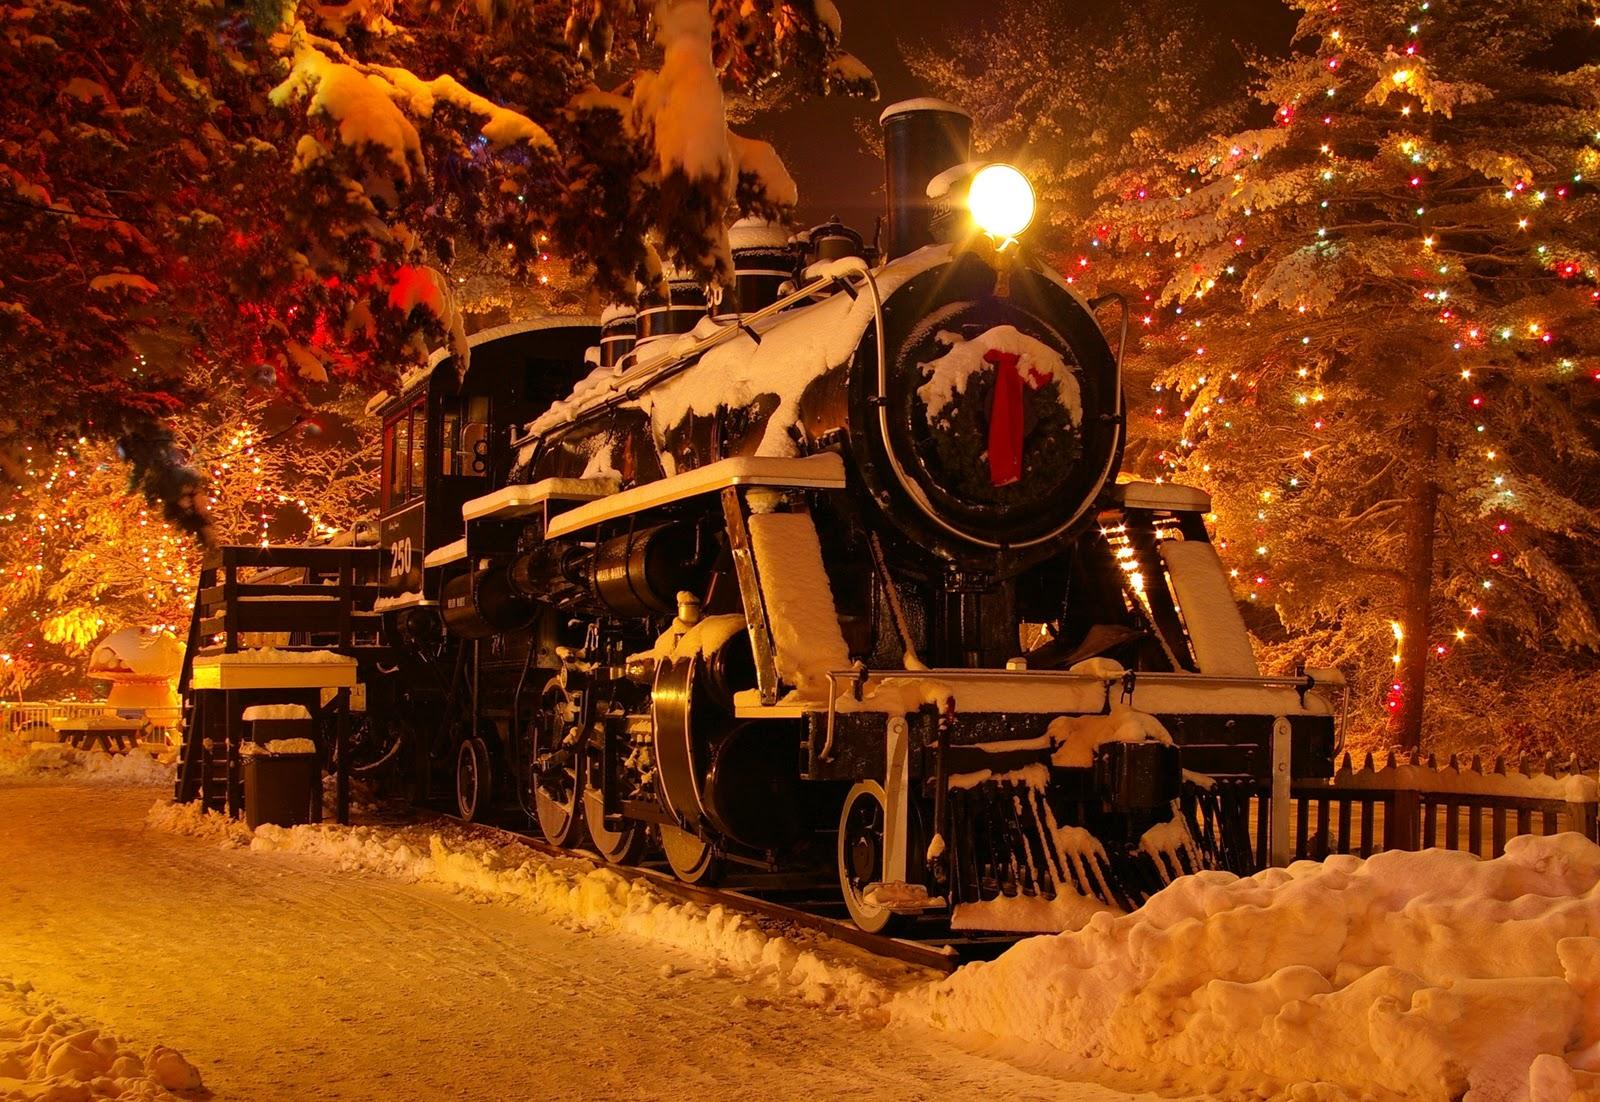 Christmas Train Desktop Wallpaper Wallpapersafari